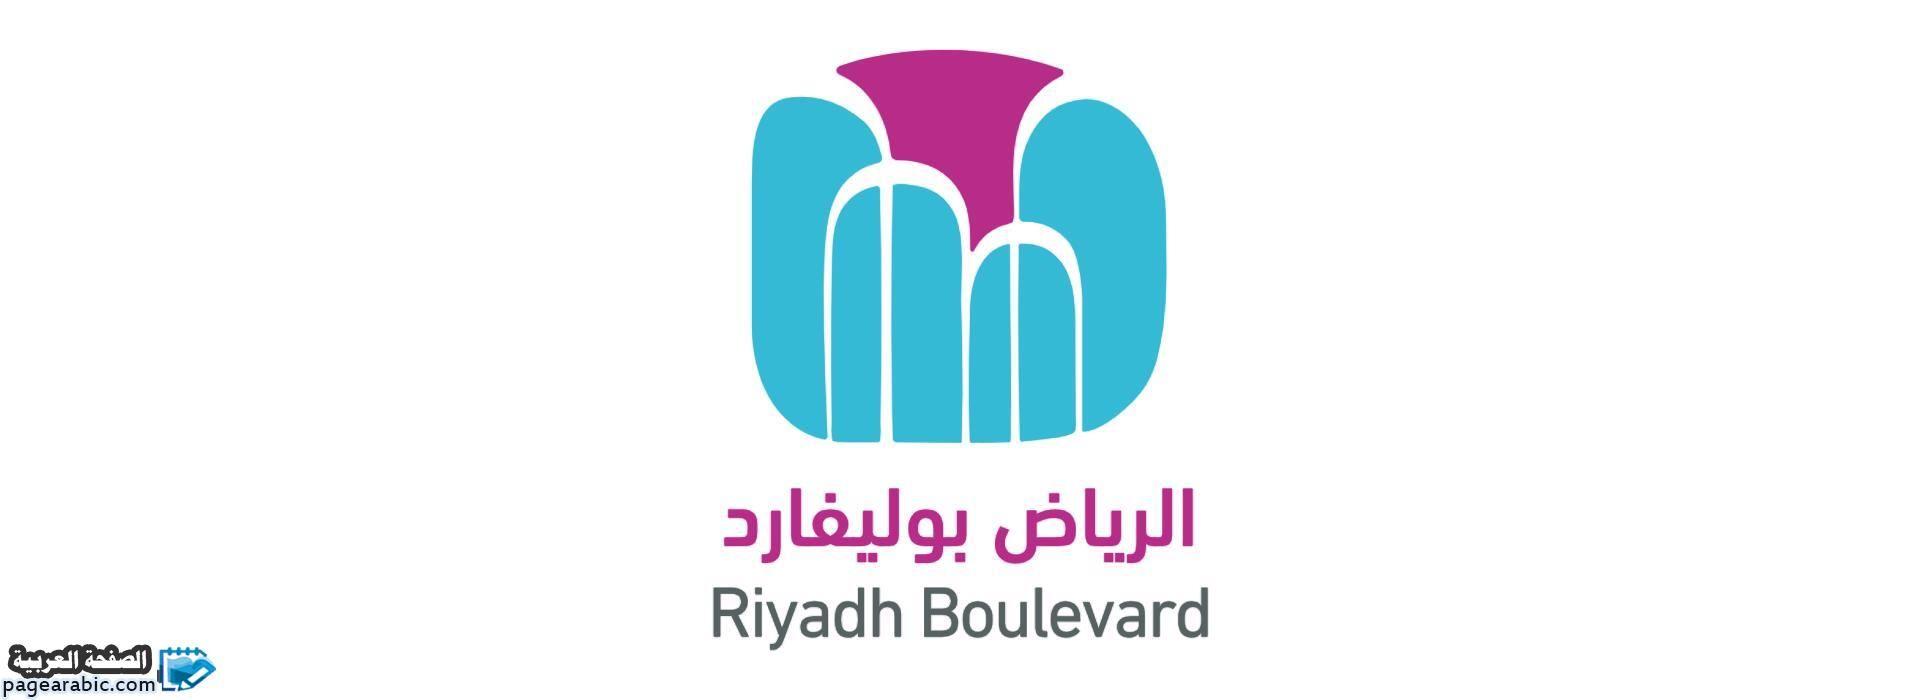 ماهي معنى كلمة البوليفارد من معنى بوليفارد الرياض او موسم الرياض Boulevard Boulevard بوليفارد الرياض بوليفارد البوليفارد Peace Gesture Gaming Logos Logos